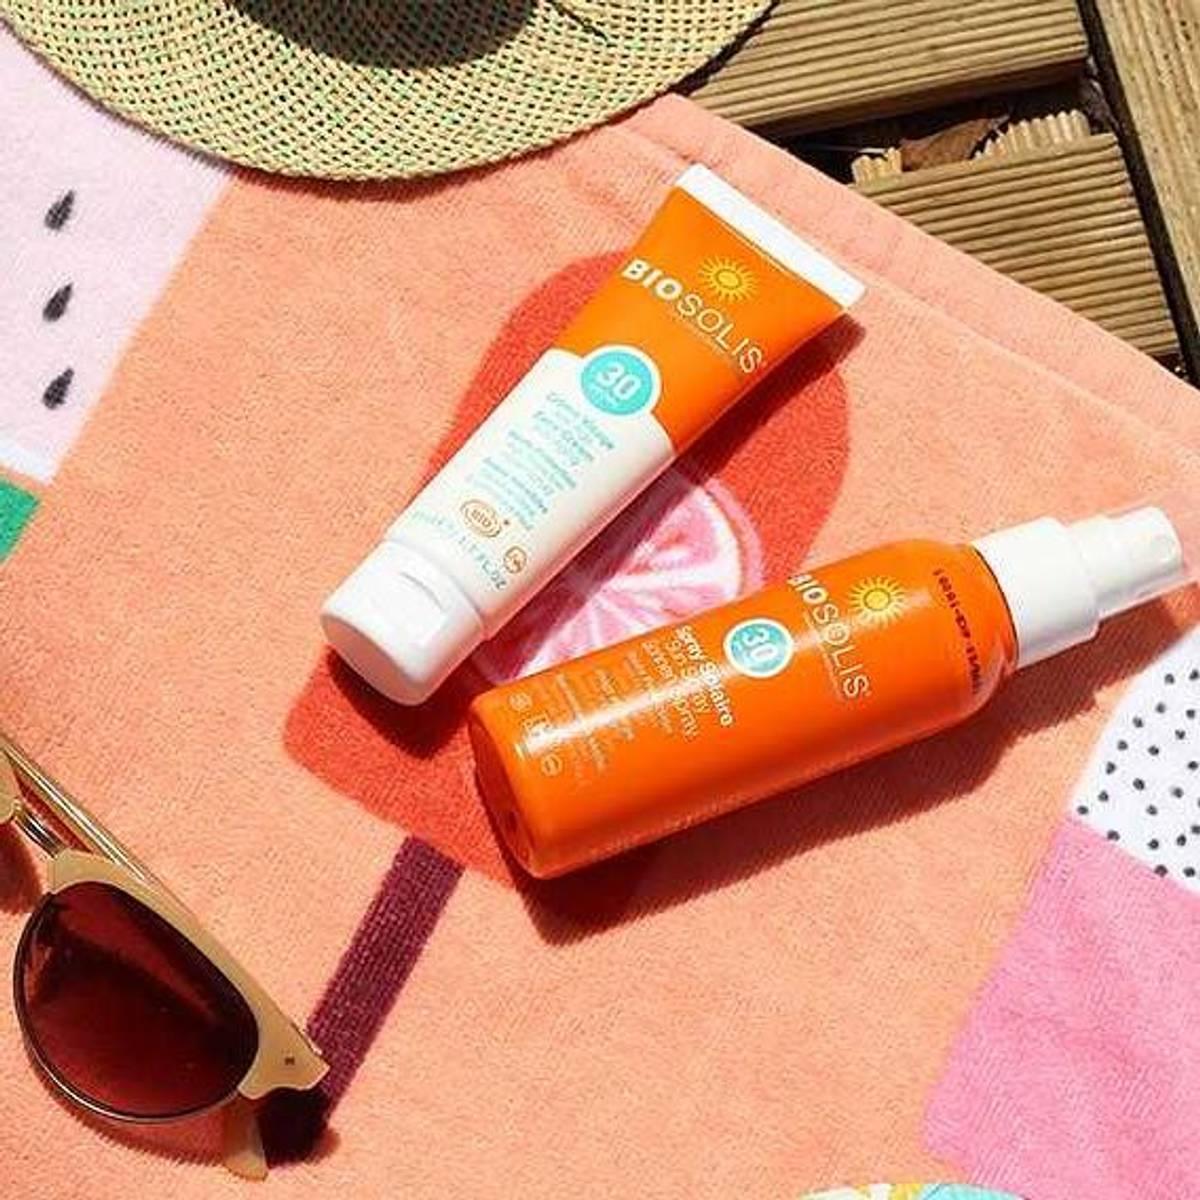 BIOSOLIS Face Cream SPF 30 anti-aging 50 ml